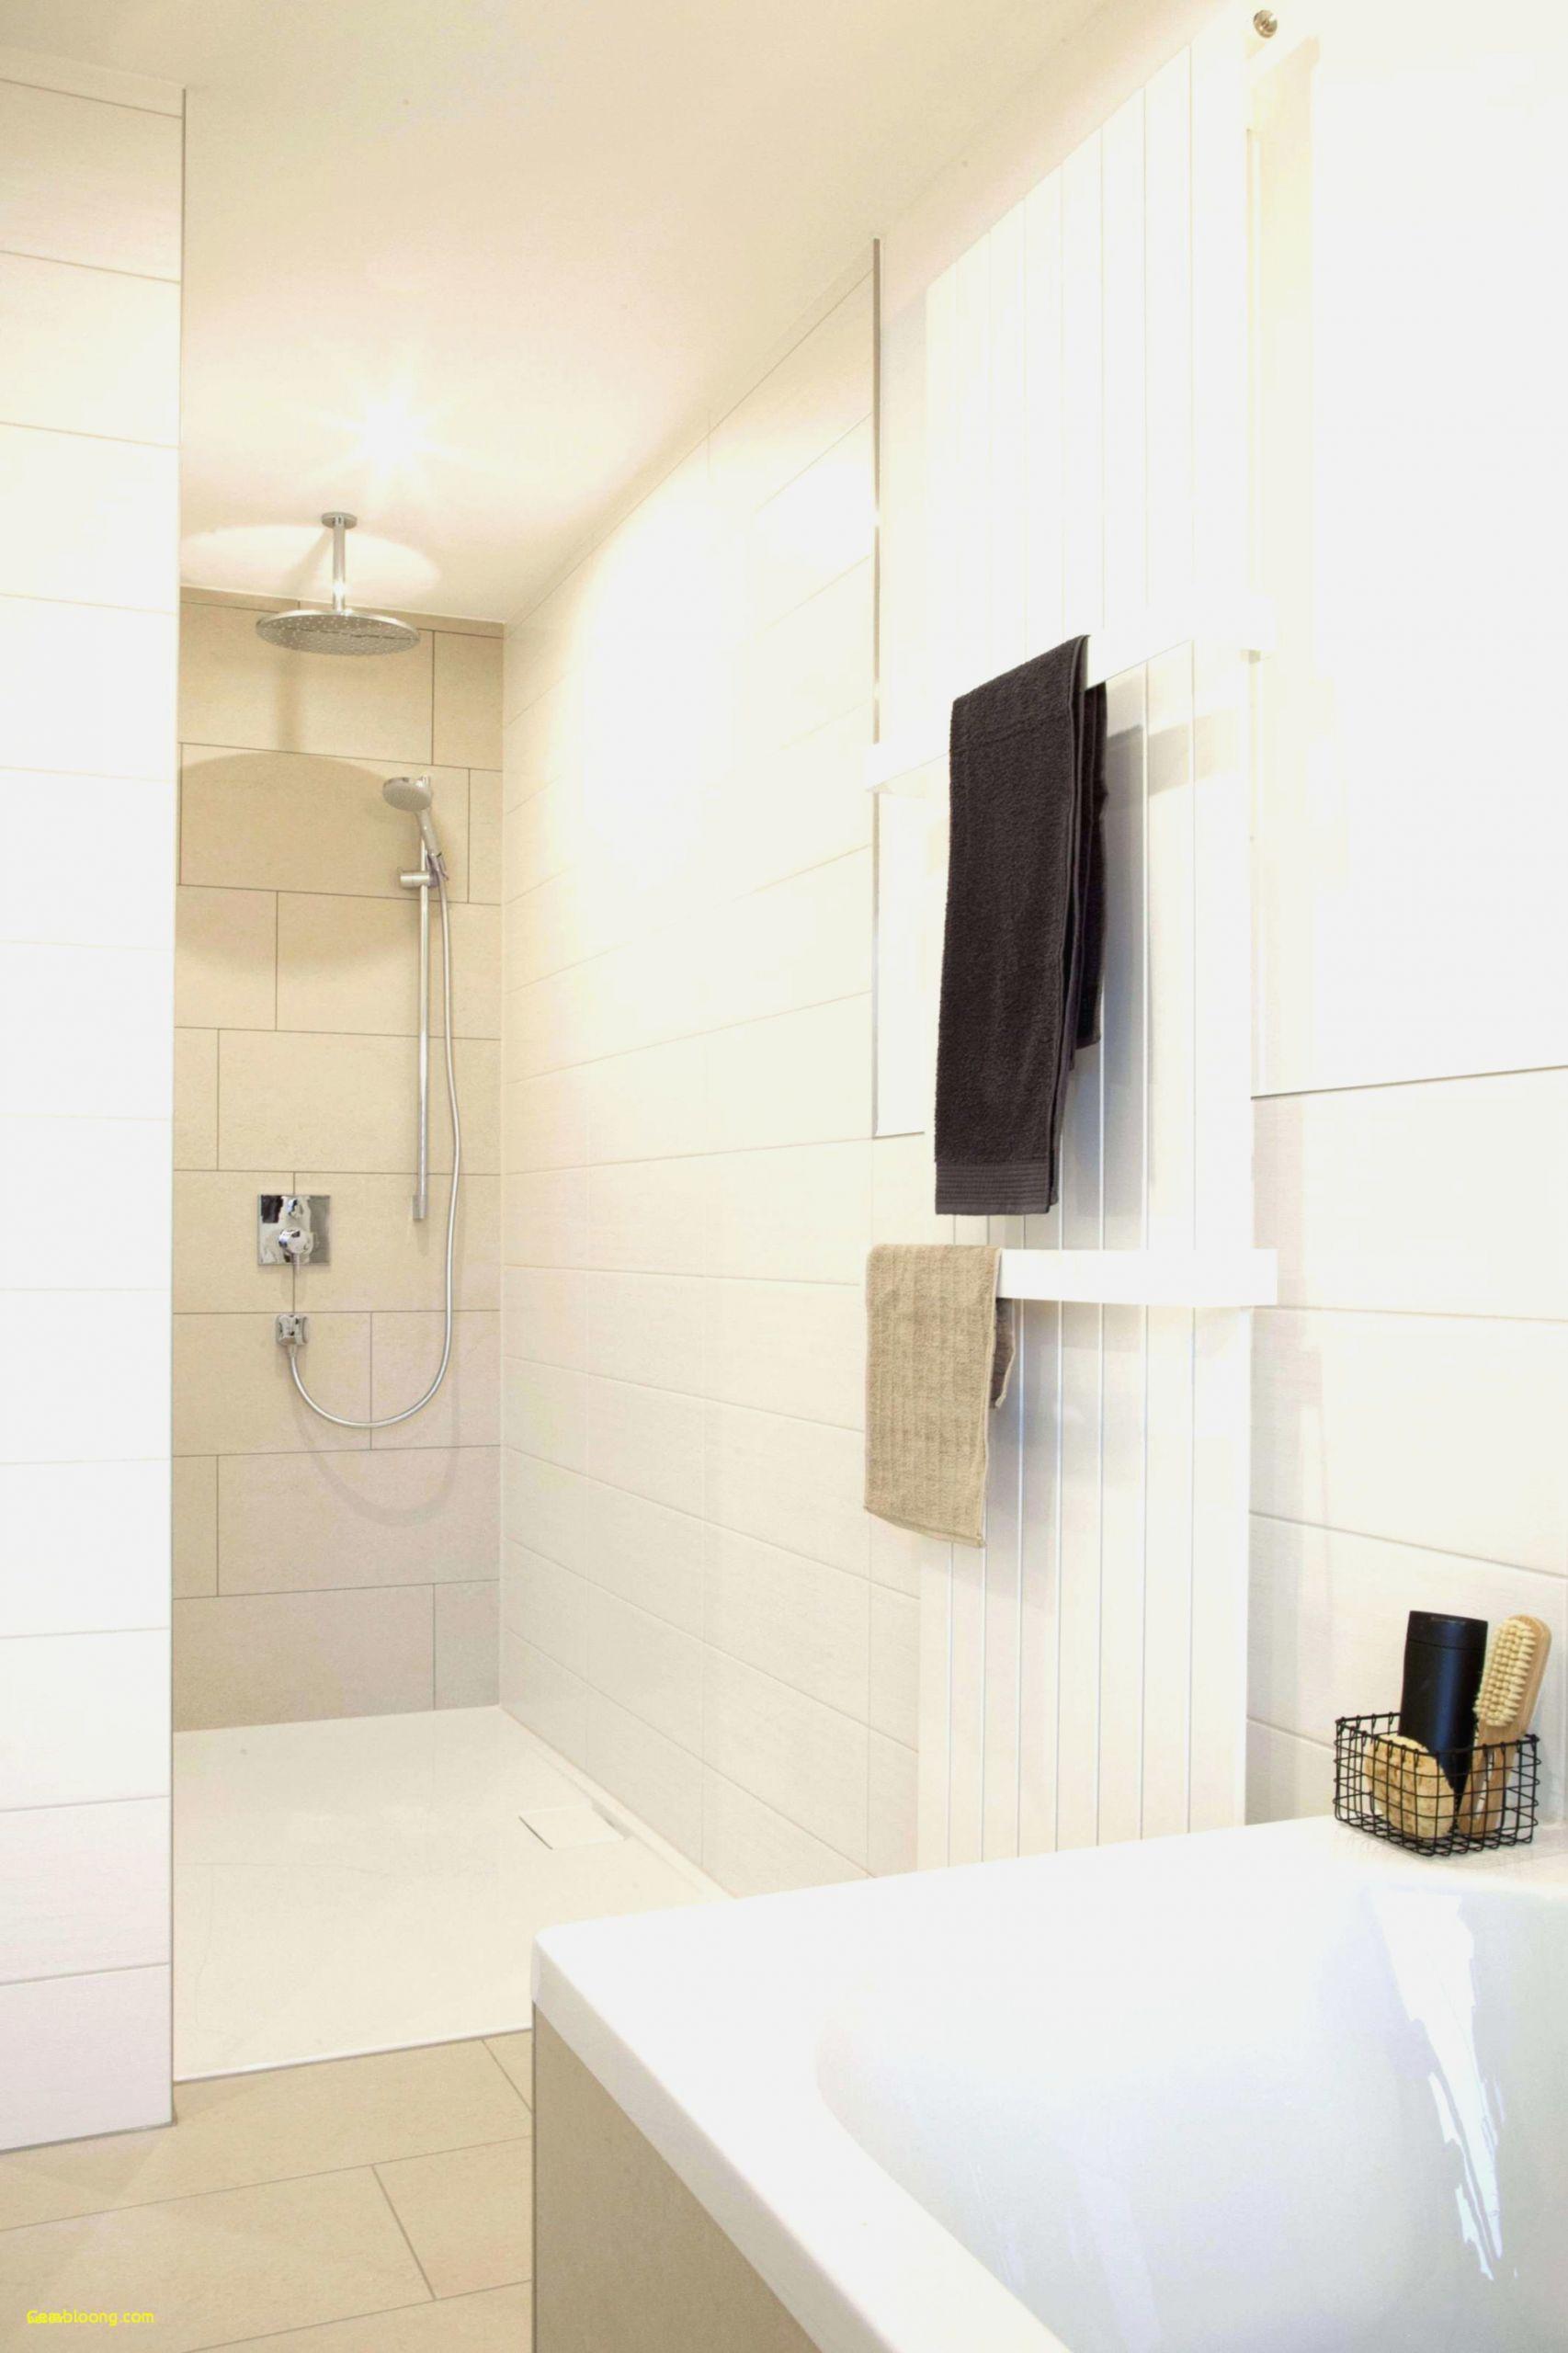 Full Size of Badewanne Dusche Kombination Erfahrungen Kombiniert Mit Preise Nebeneinander Glaswand Whirlpool Dampfsauna In Einem System Umbau Entfernen Einbauen Walk Tür Dusche Badewanne Dusche